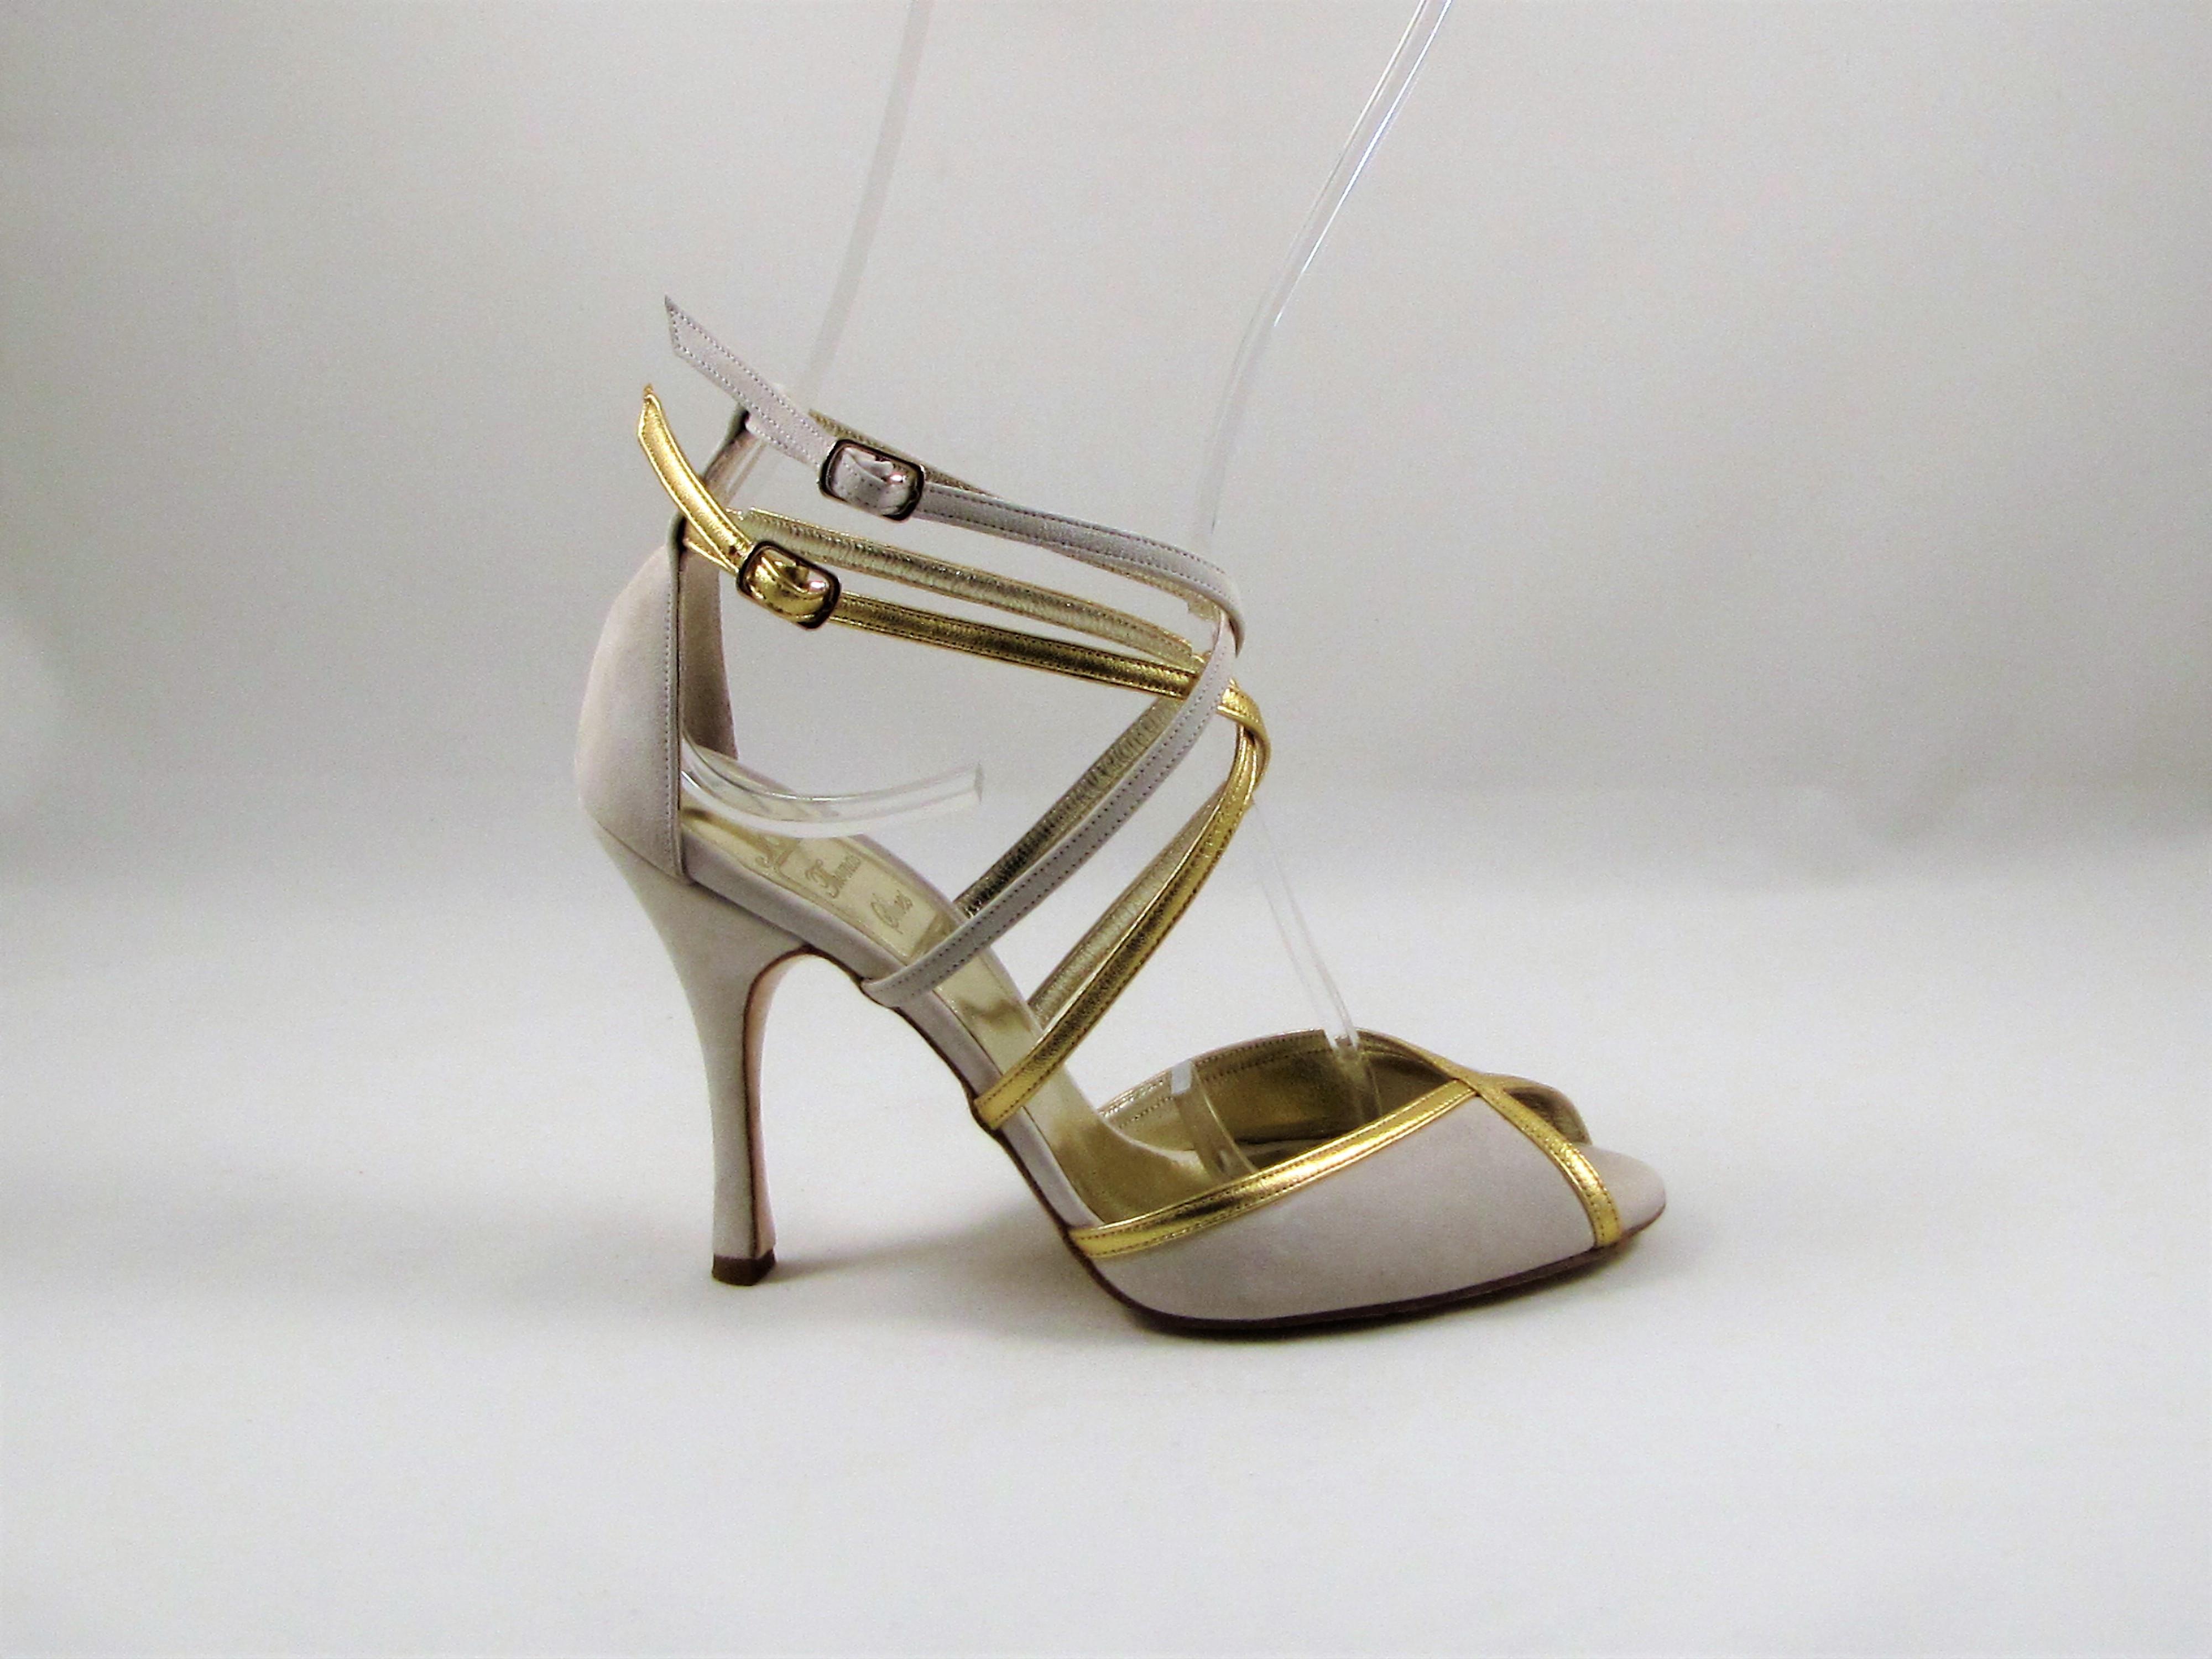 9f1073bfb1 Γυναικείο παπούτσι 19284 · ΓΥΝΑΙΚΕΙΑ ...